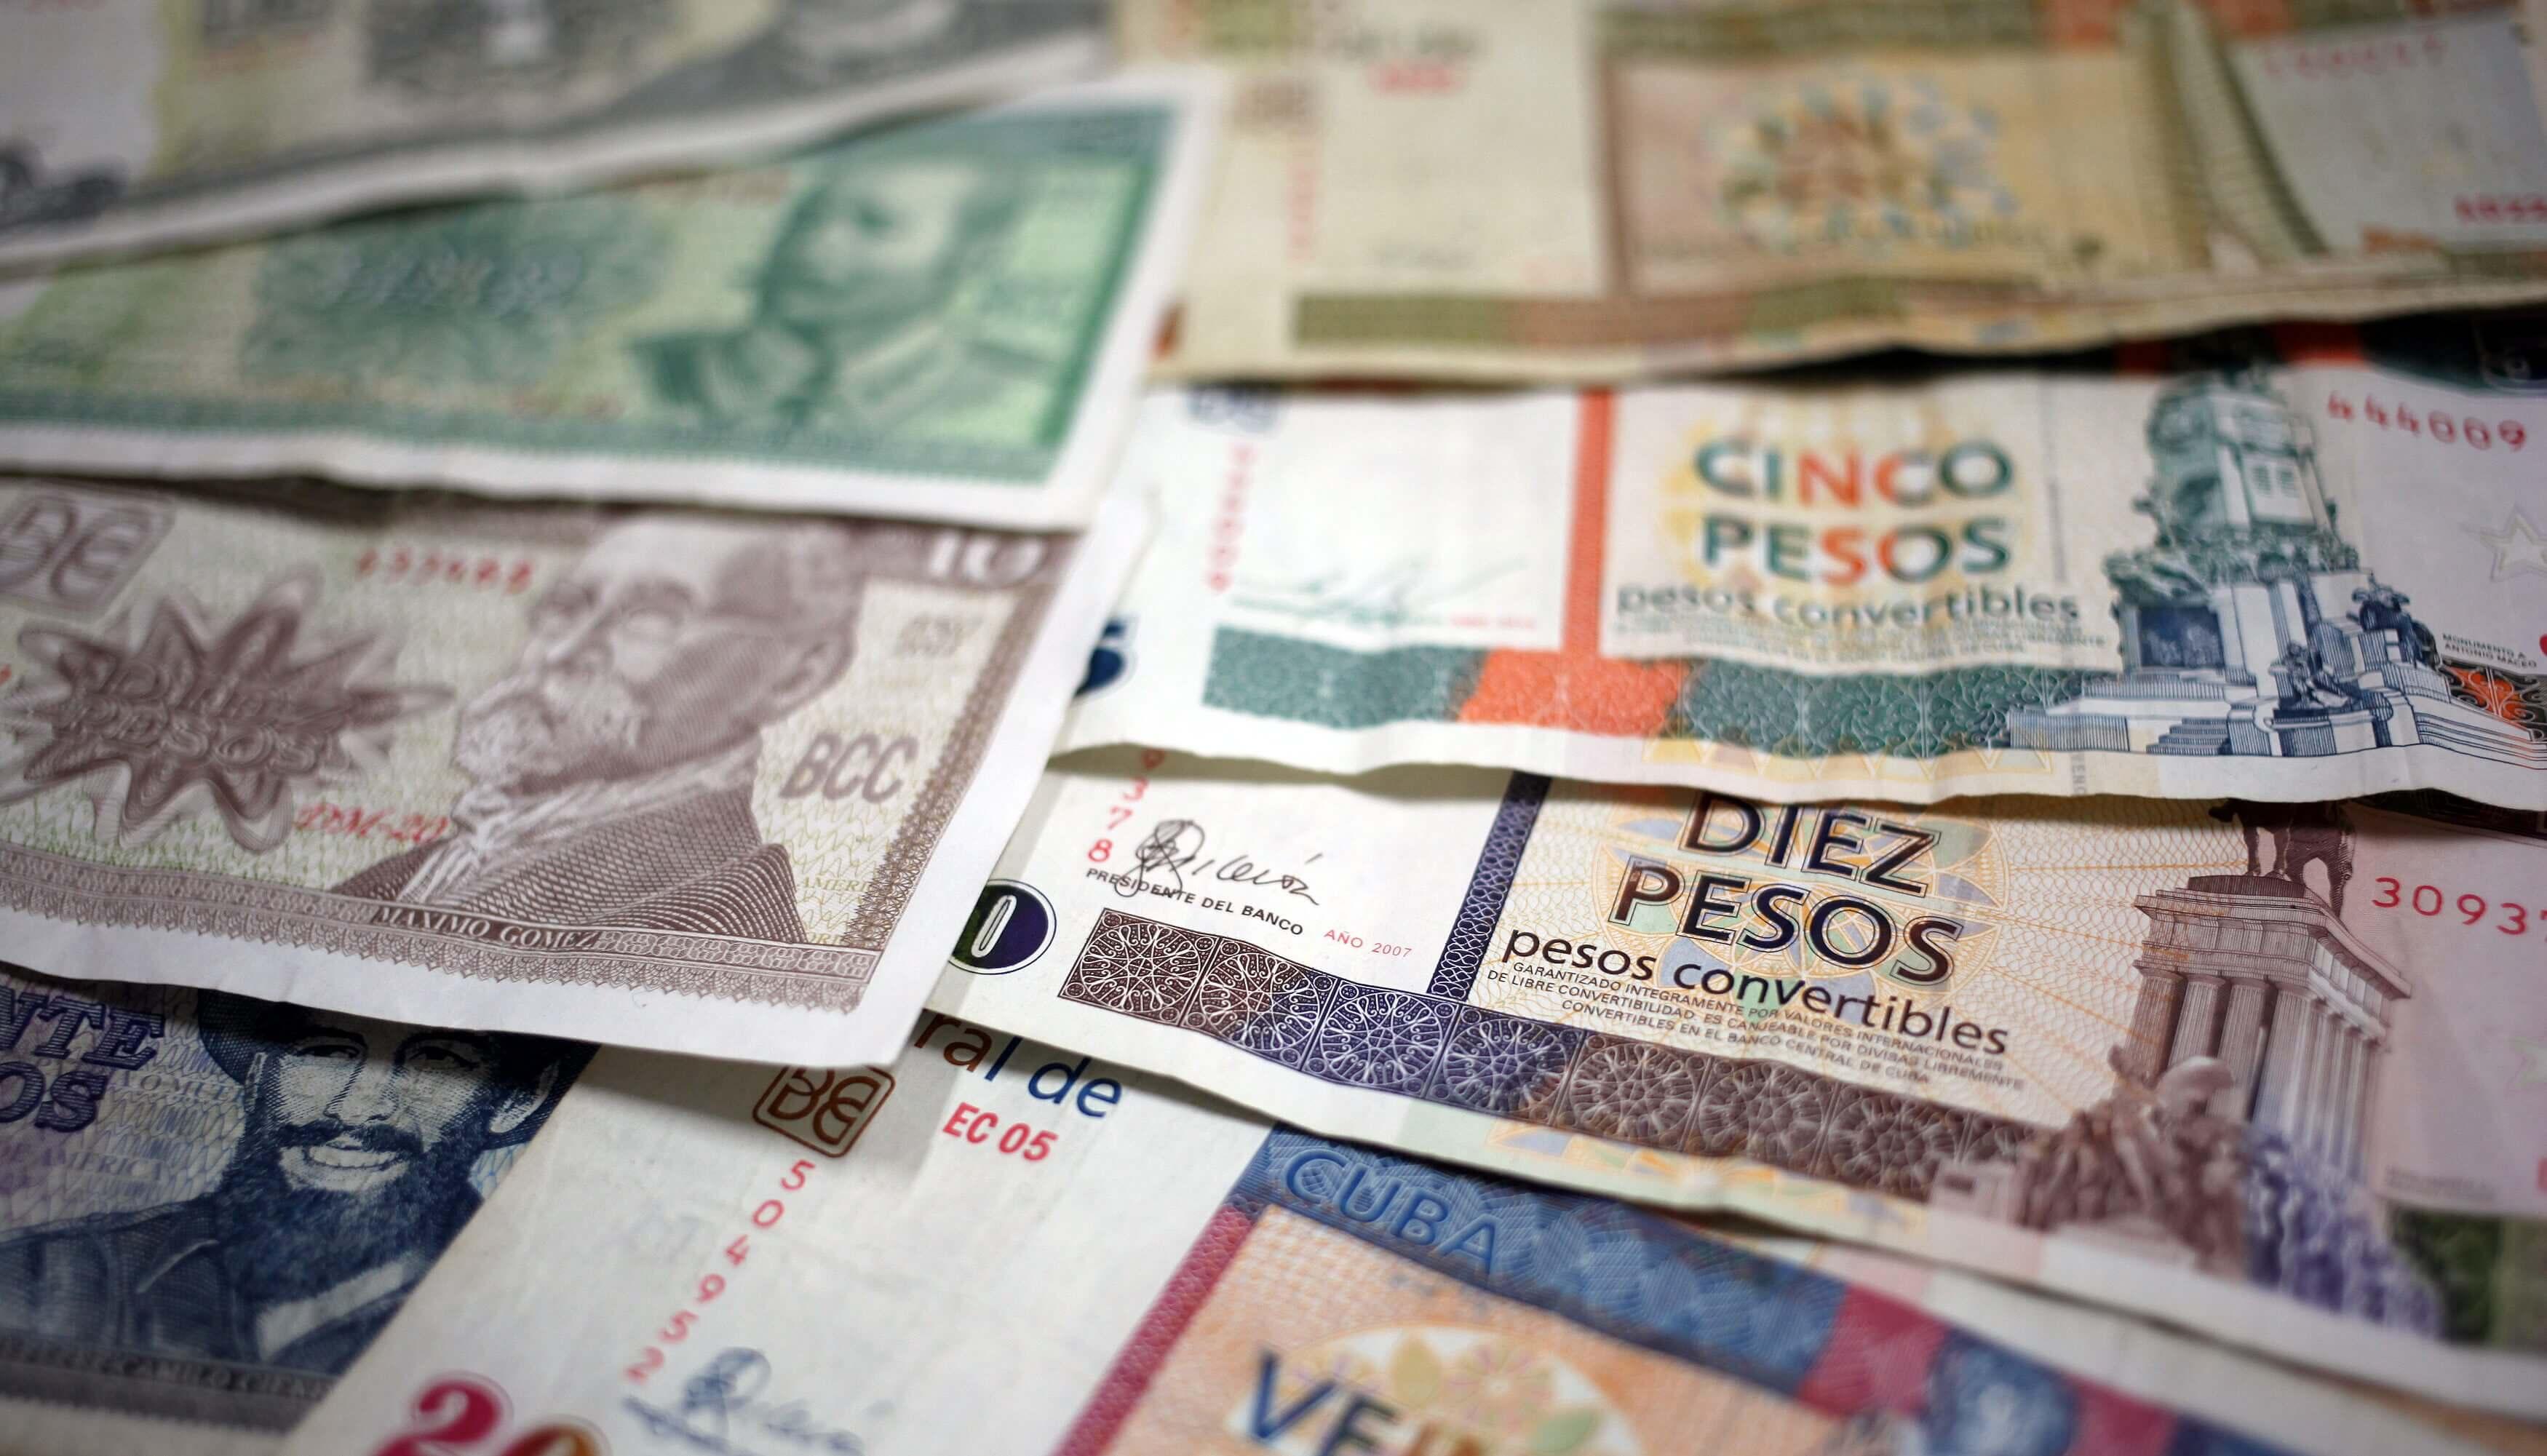 """HAB04 LA HABANA (CUBA), 22/10/2013.- Vista de algunos billetes cubanos, unos de CUP (i) y otros de CUC (d), hoy, martes 22 de octubre de 2013, en La Habana (Cuba). El Gobierno de Cuba anunció hoy el inicio de un proceso para eliminar la dualidad monetaria que rige en la isla, a fin de restablecer el """"valor del peso cubano y de sus funciones como dinero"""". EFE/Alejandro Ernesto"""